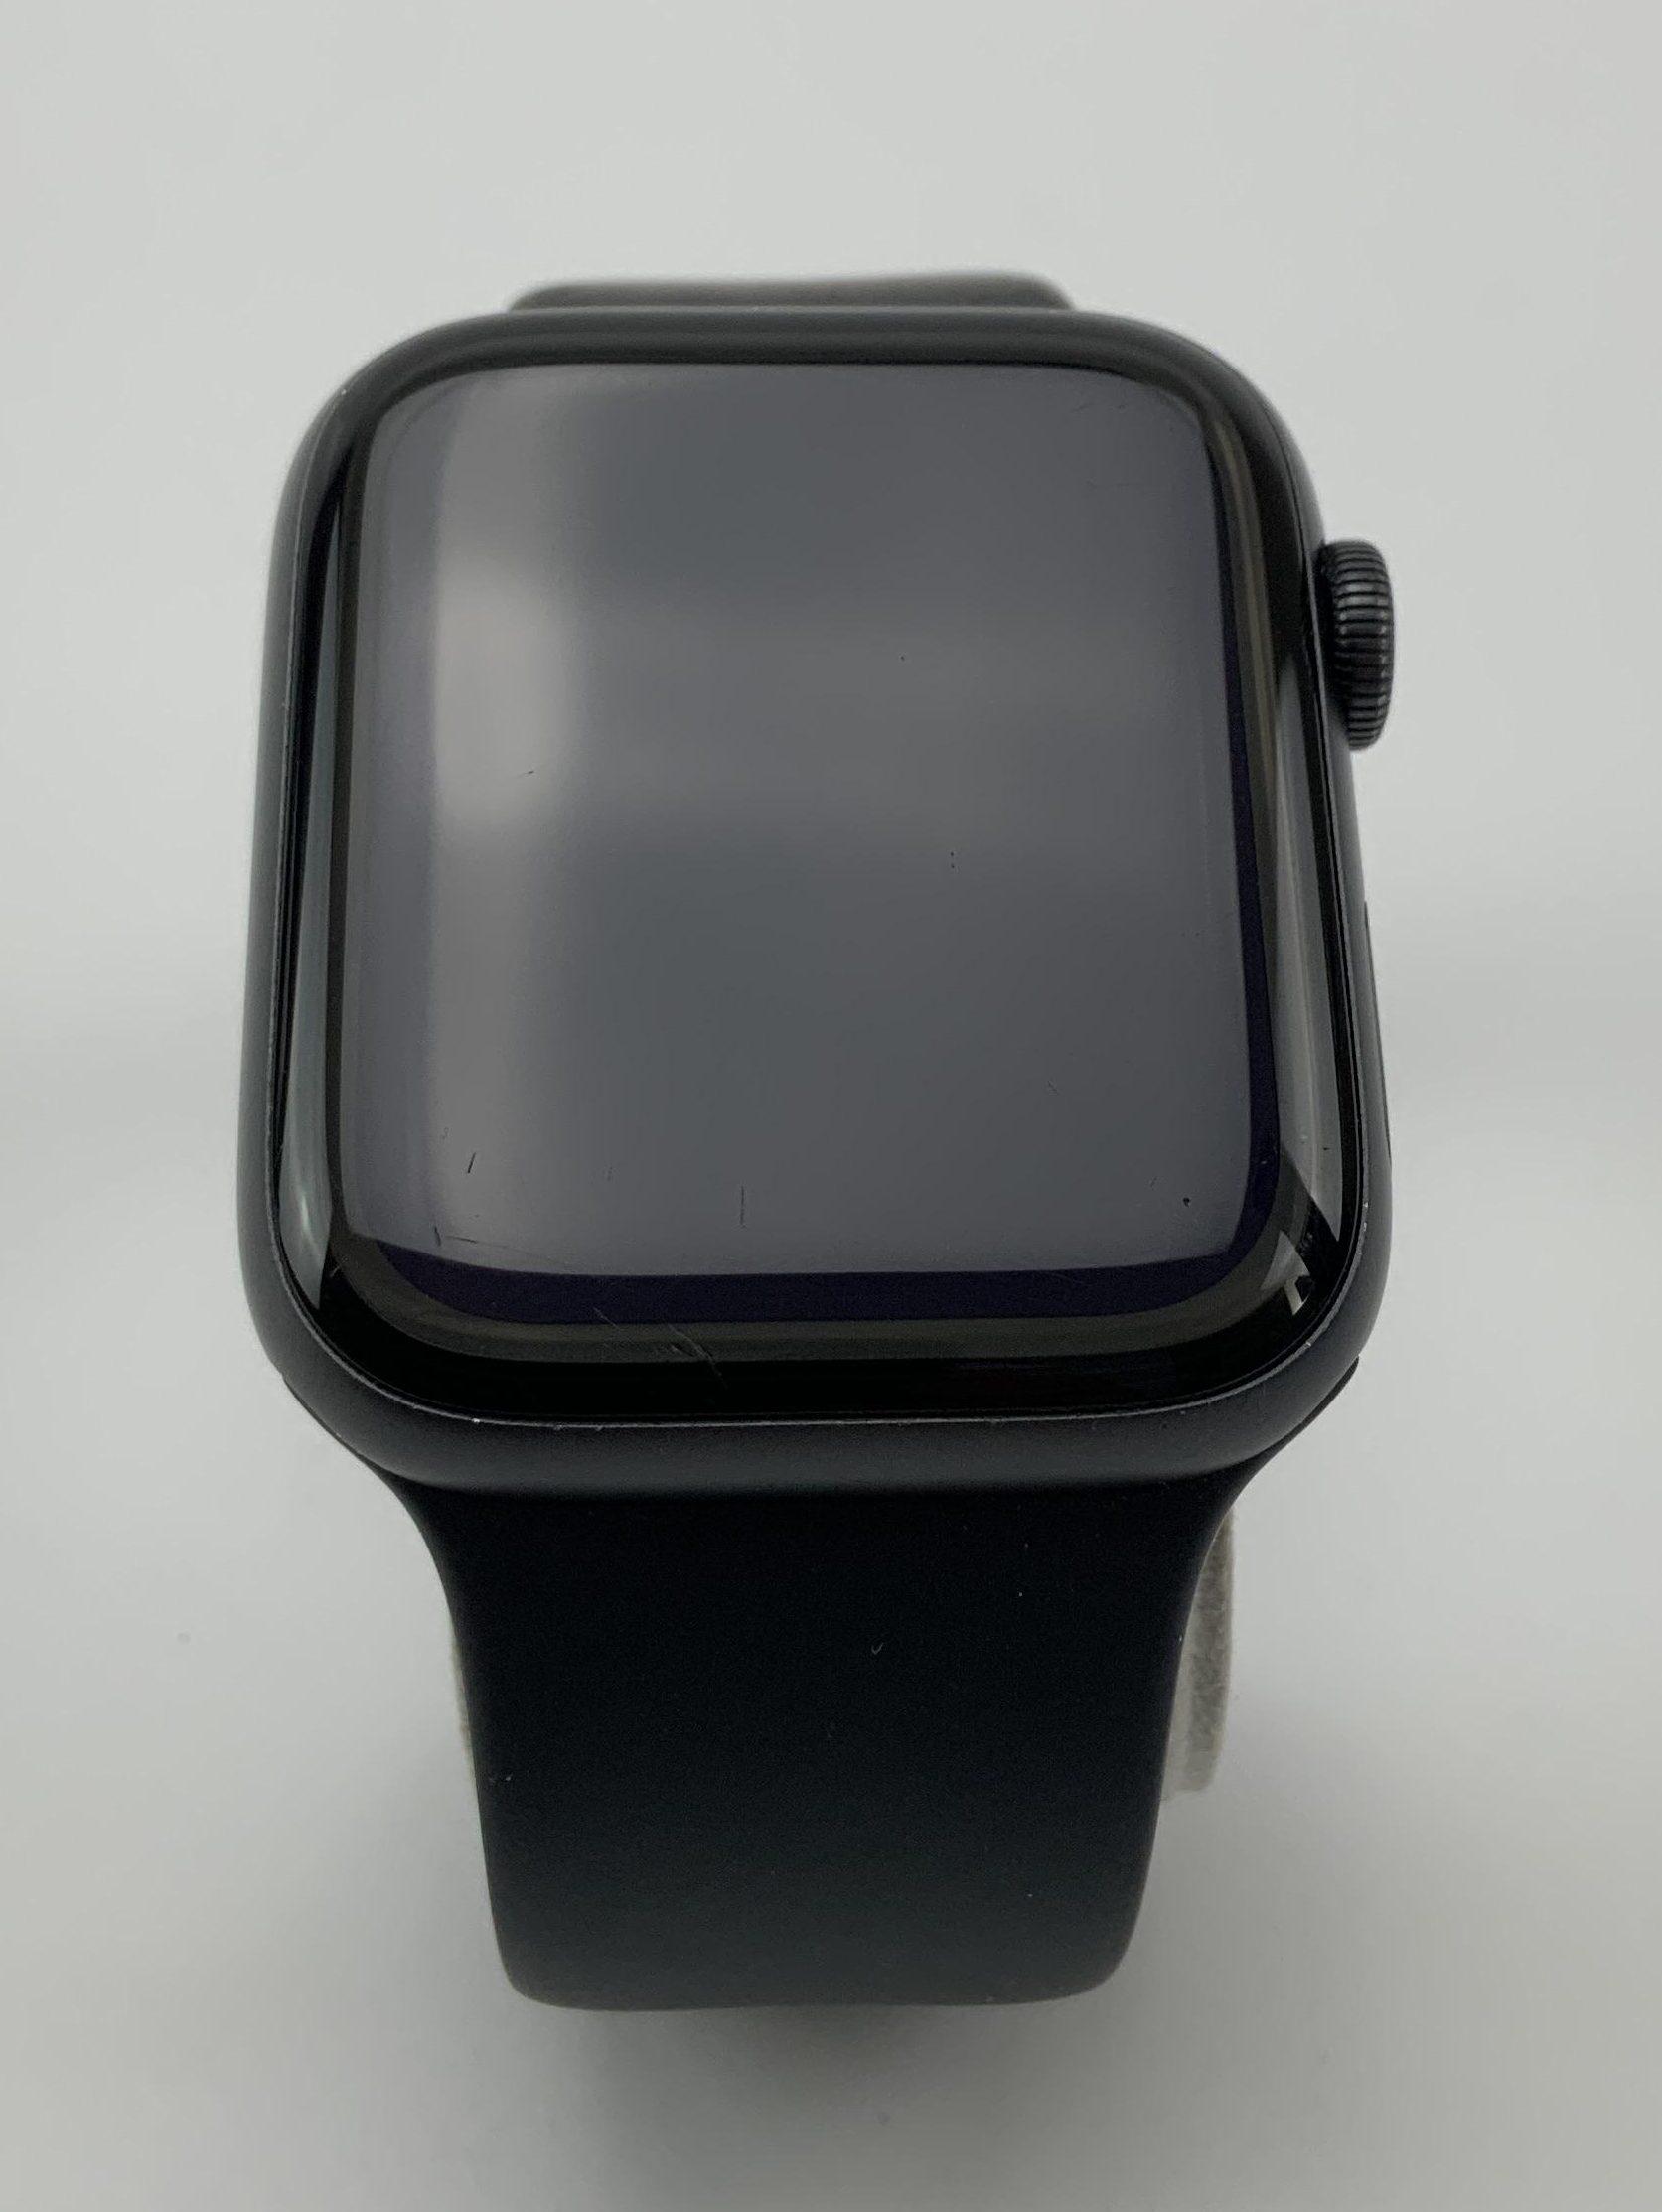 Watch Series 5 Aluminum (44mm), Space Gray, imagen 2